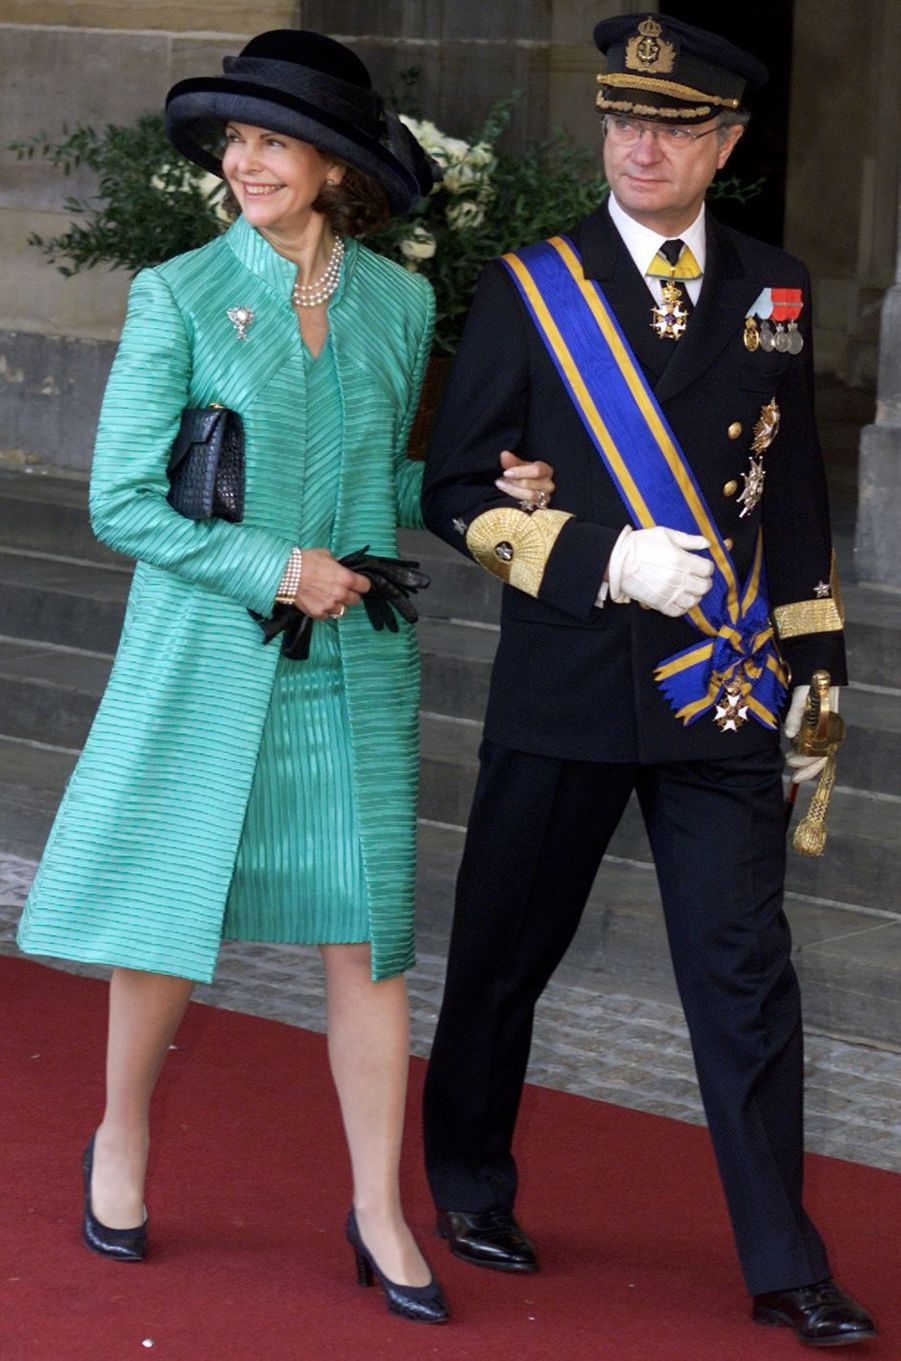 La reine Silvia et le roi Carl XVI Gustaf de Suède au mariage du prince Willem-Alexander des Pays-Bas etde Maxima Zorreguieta à Amsterdam, le 2 février 2002